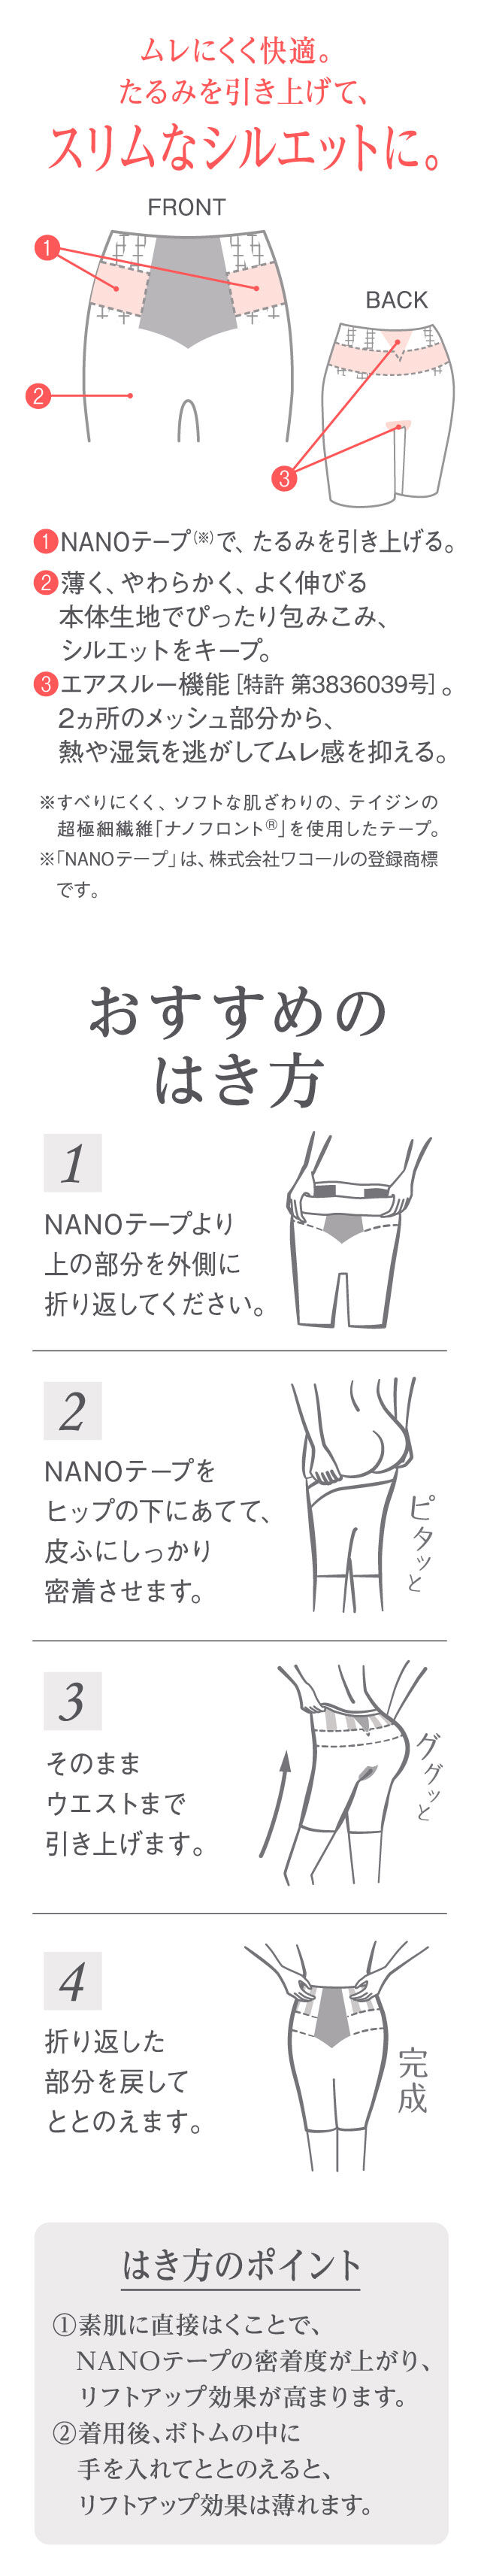 肌リフト 機能説明